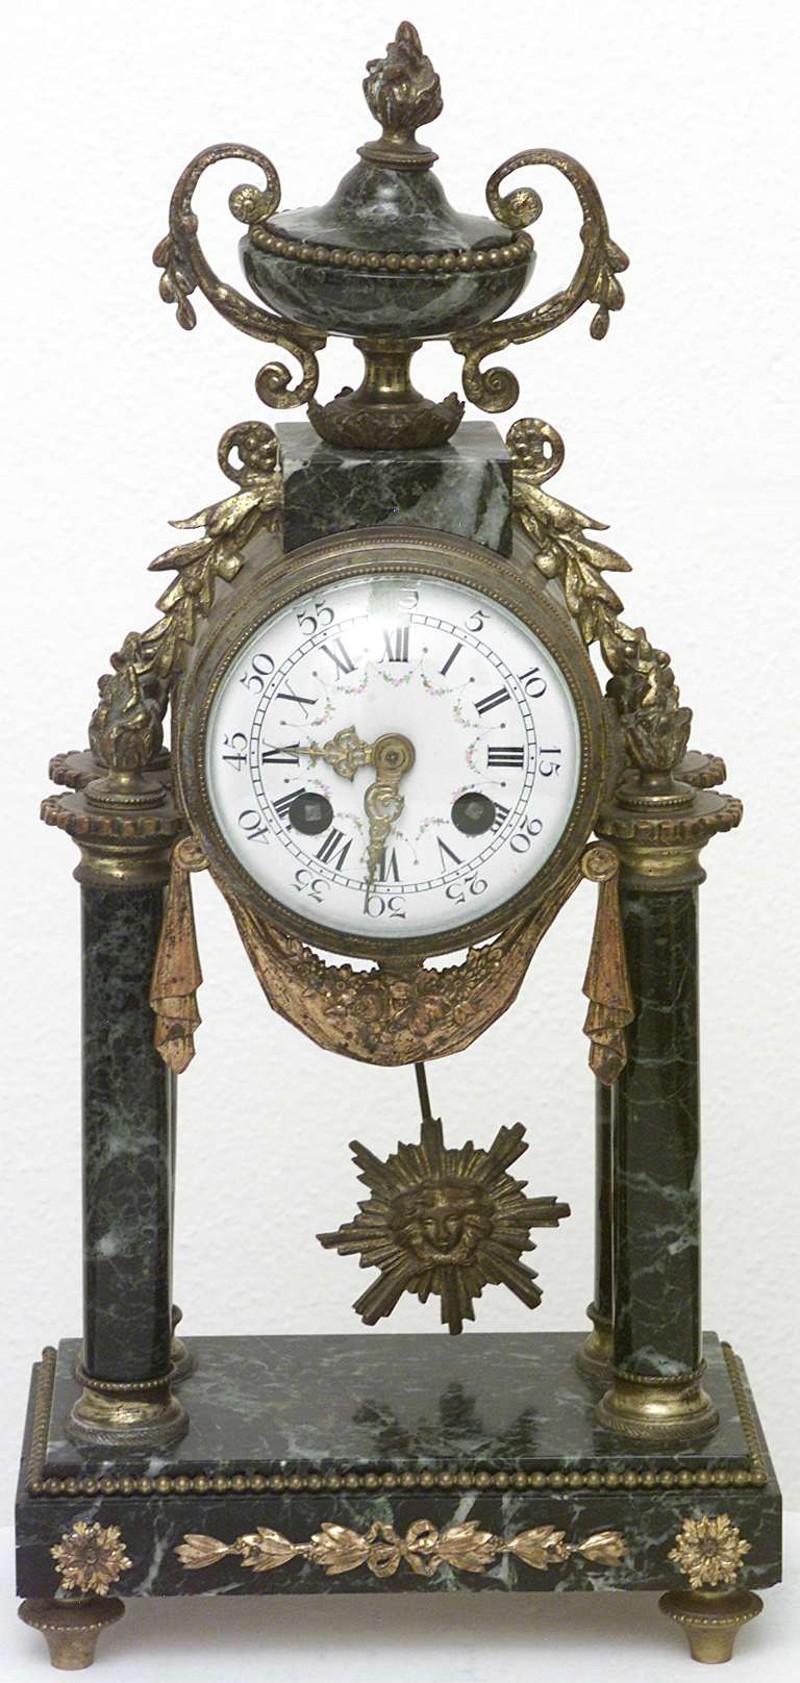 Ambito francese (?) sec. XIX, Orologio in marmo e ottone